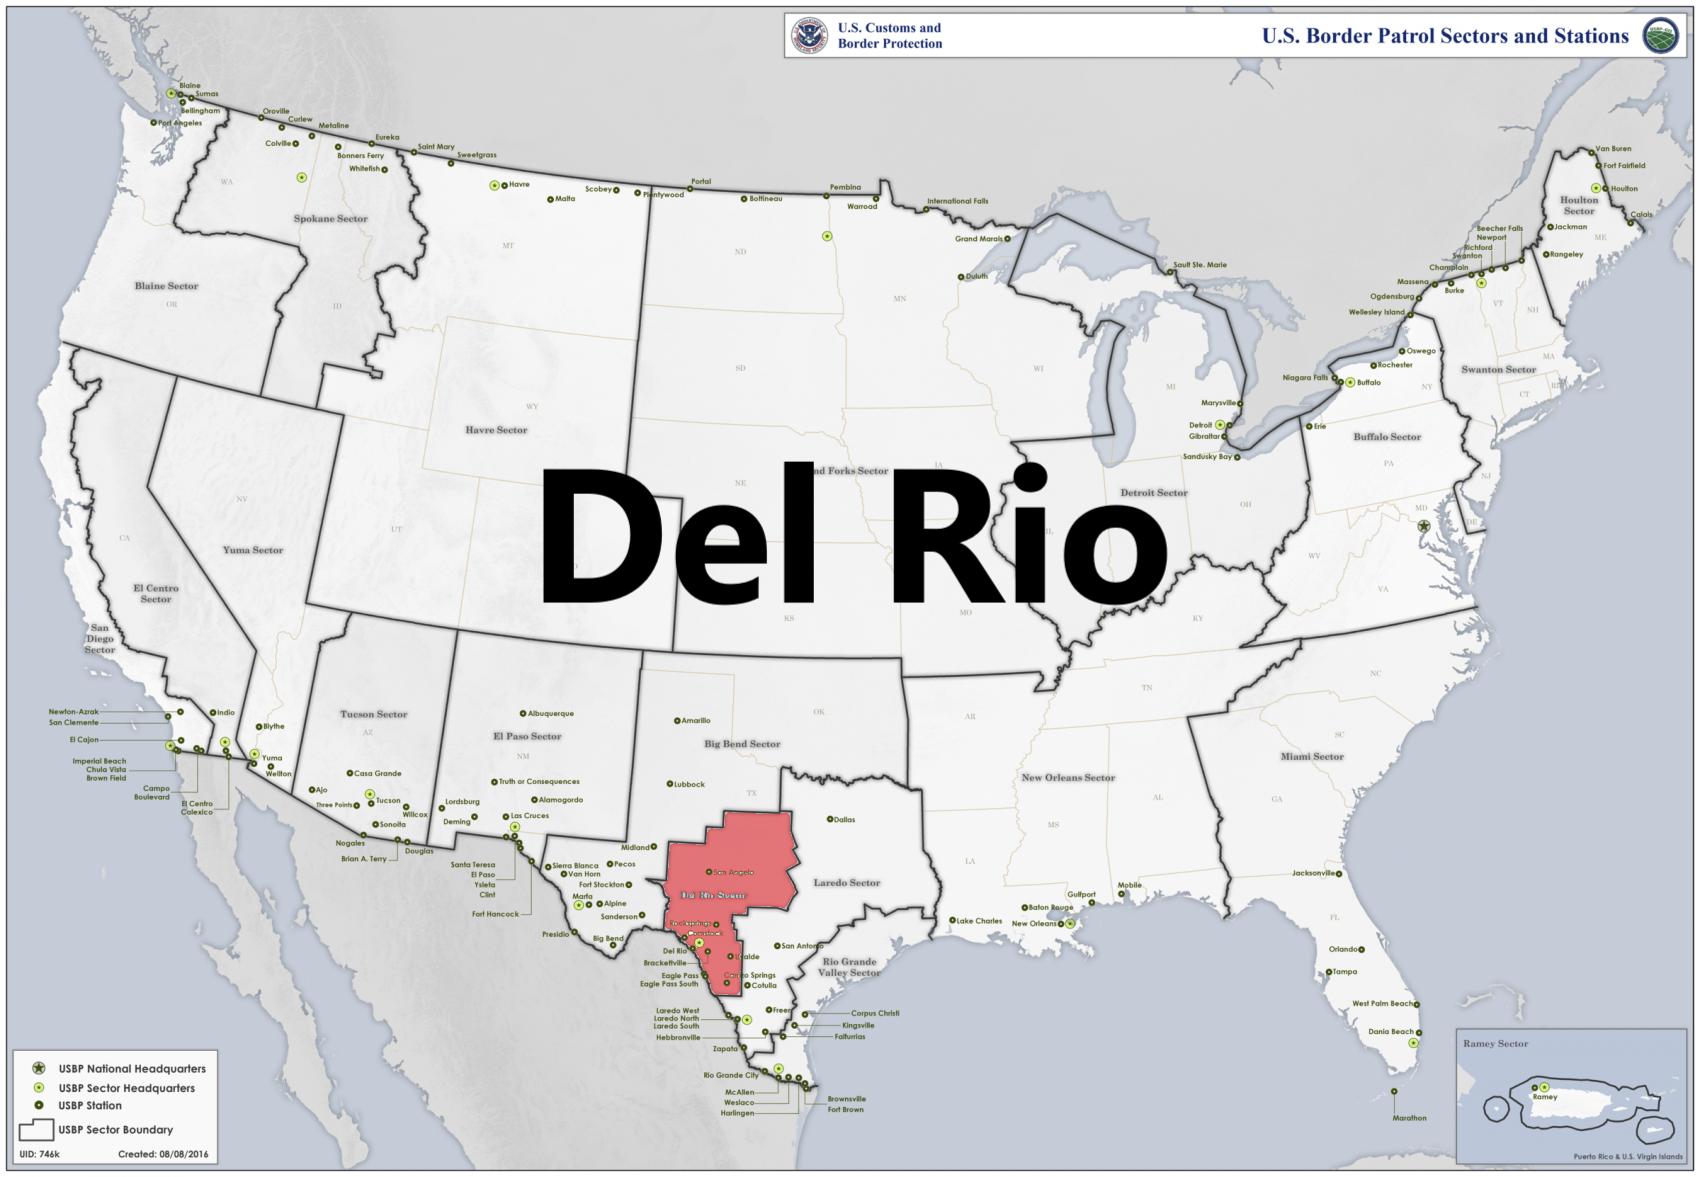 Border patrol sectors map - Del Rio.png